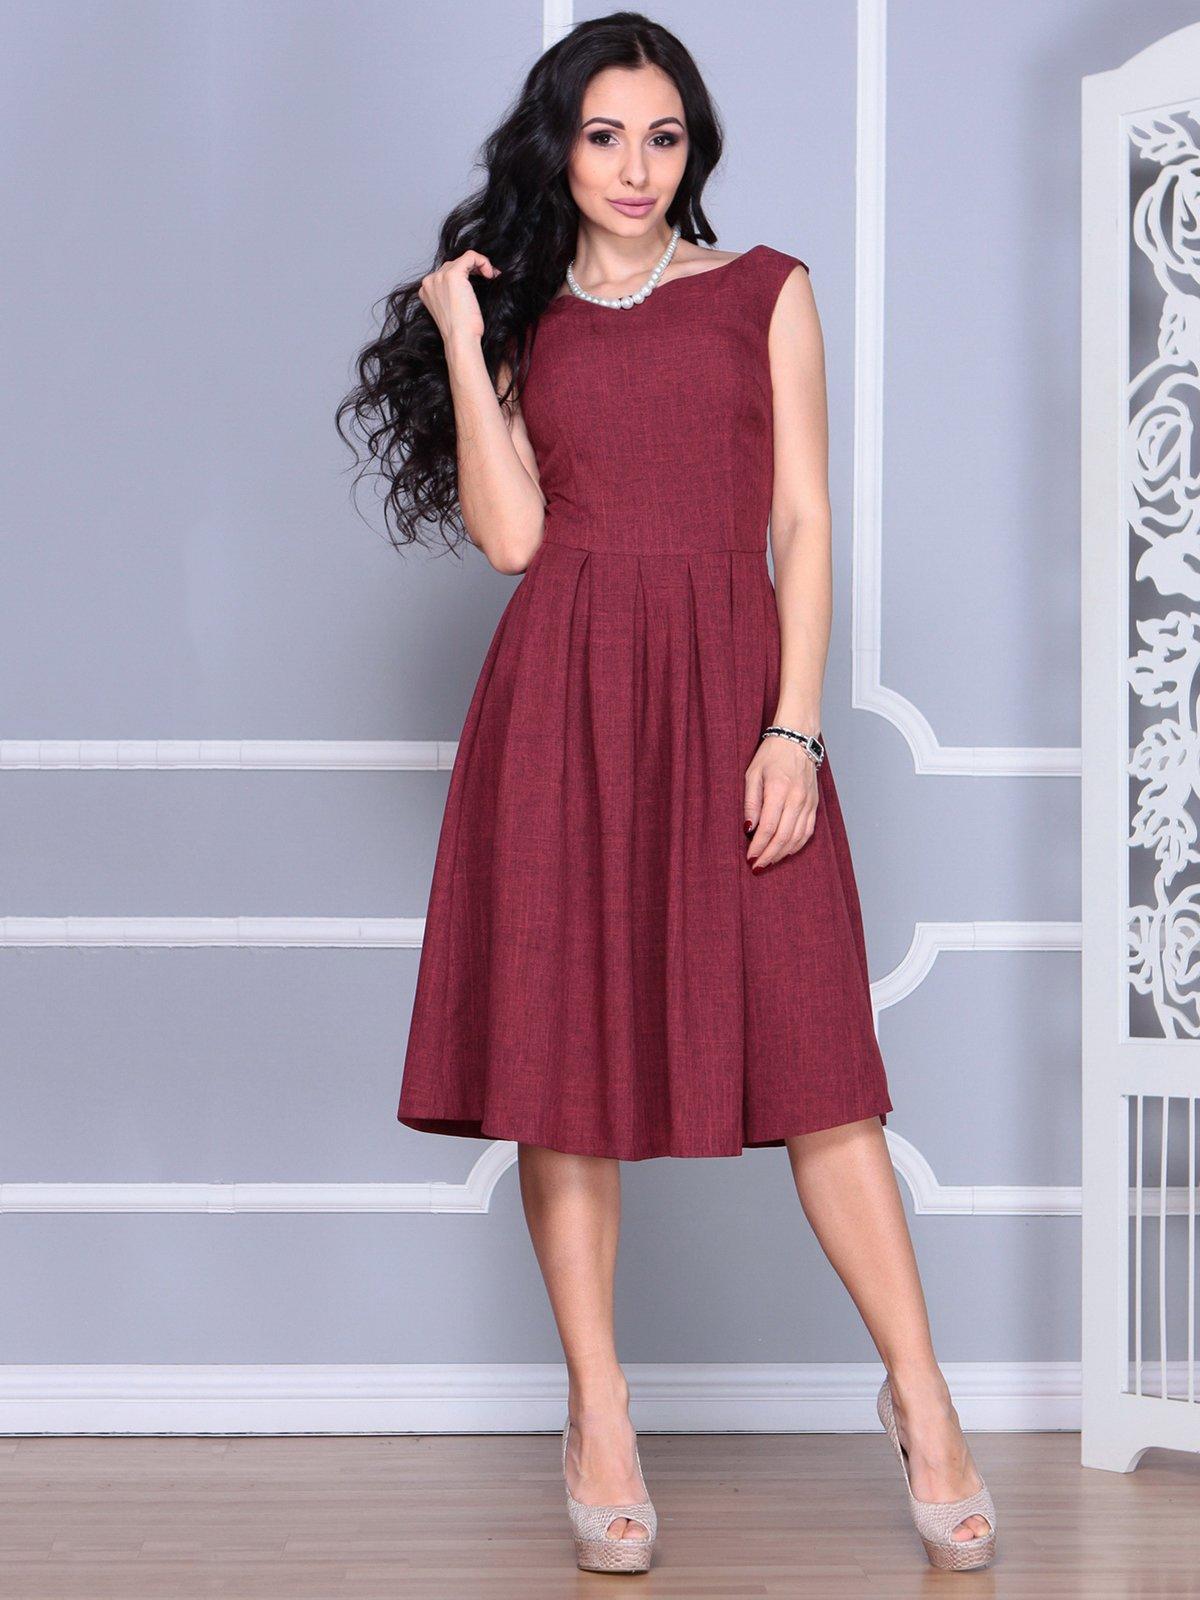 Платье светло-сливового цвета   4028059   фото 4